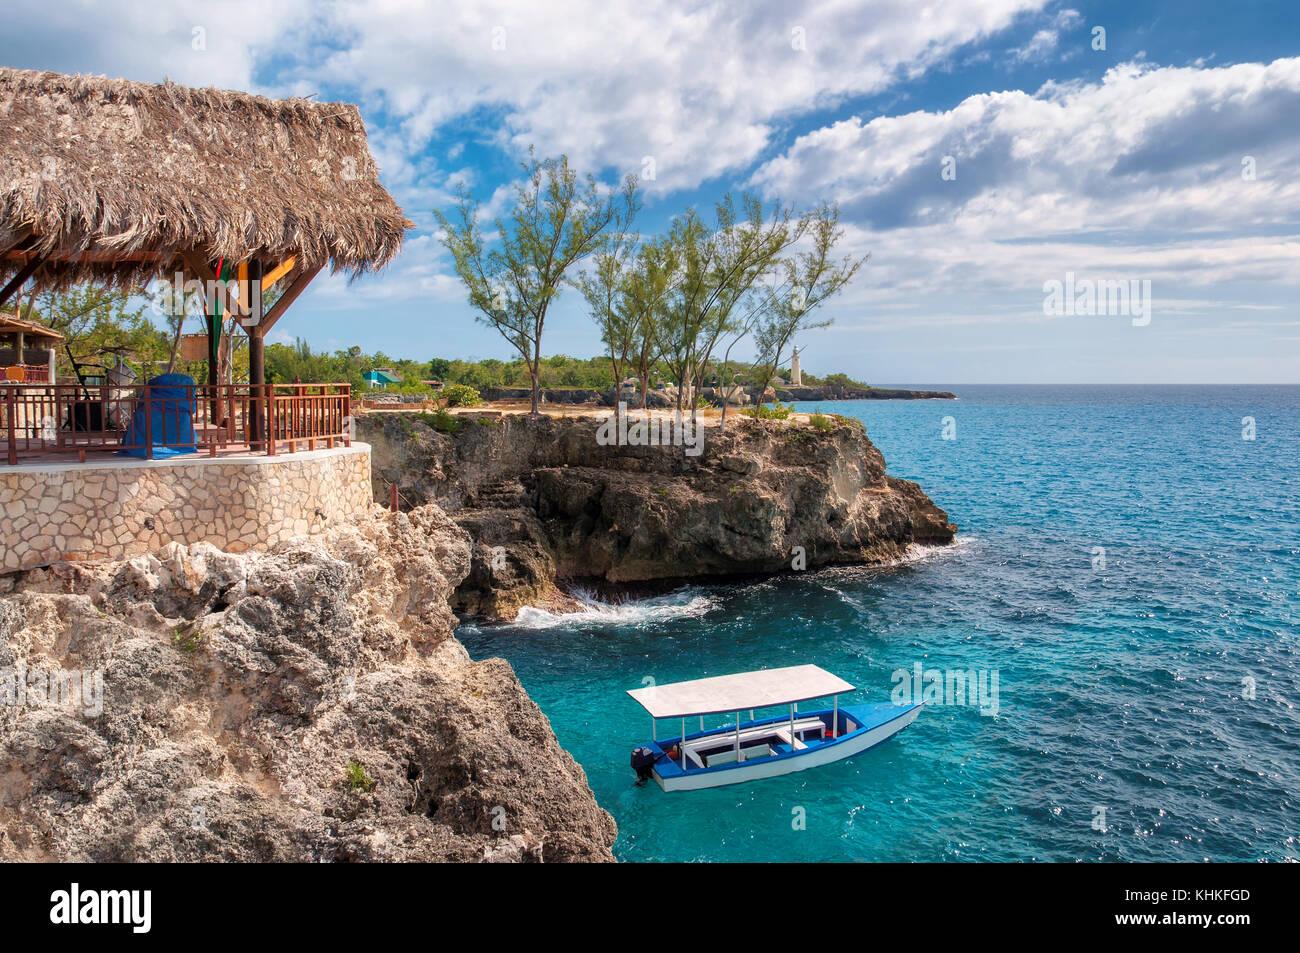 Mer des Caraïbes à Negril, Jamaïque. Banque D'Images